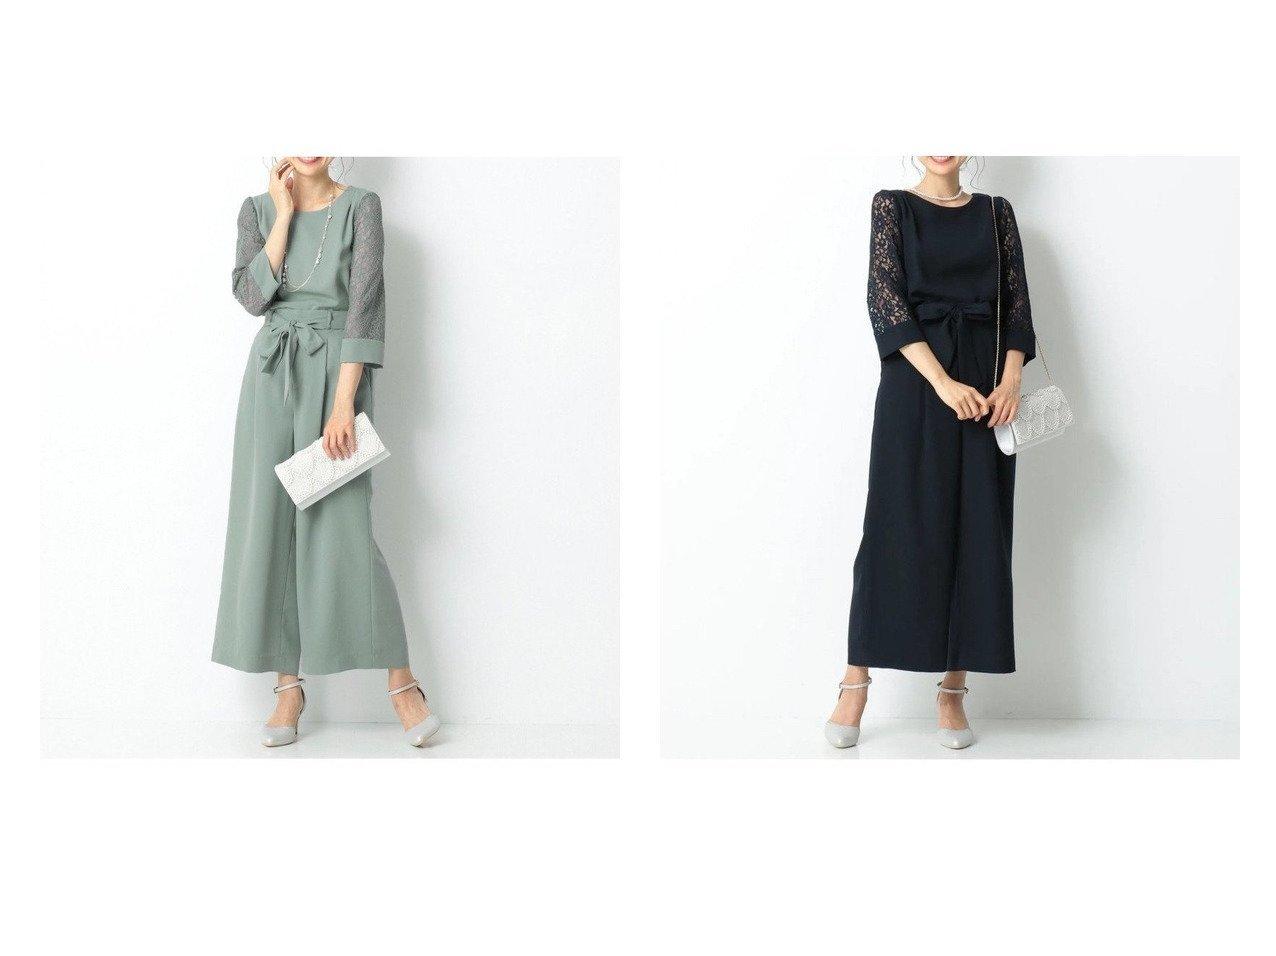 【any SiS/エニィ スィス】の【2SET】レーシーワイドパンツ セットアップ 【ワンピース・ドレス】おすすめ!人気、トレンド・レディースファッションの通販  おすすめで人気の流行・トレンド、ファッションの通販商品 メンズファッション・キッズファッション・インテリア・家具・レディースファッション・服の通販 founy(ファニー) https://founy.com/ ファッション Fashion レディースファッション WOMEN セットアップ Setup パンツ Pants おすすめ Recommend エレガント スタイリッシュ ストレッチ セットアップ フェミニン リボン レース ワイド  ID:crp329100000028257